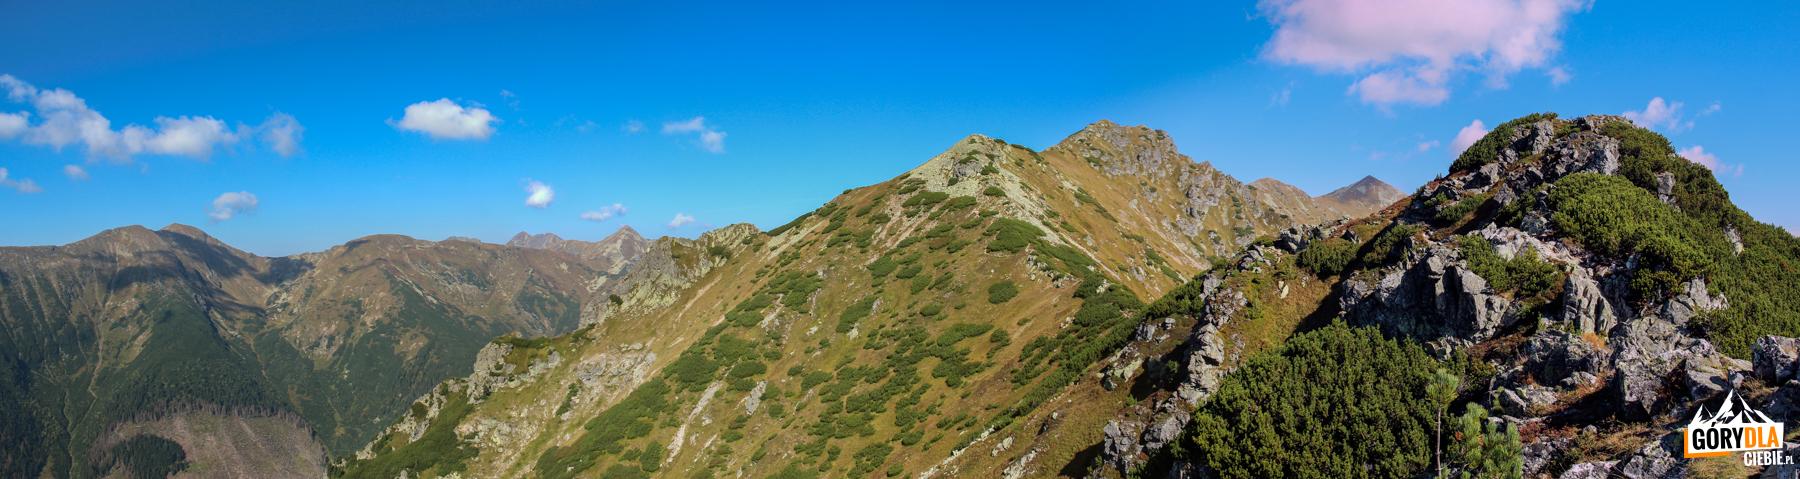 Grań Otargańców - Ostredok (1714 m), Niżna Magura (1920 m), Pośrednia Magura (2050 m), Wyżnia Magura (2095 m) iRaczkowa Czuba (słow. Jakubina, 2194 m).